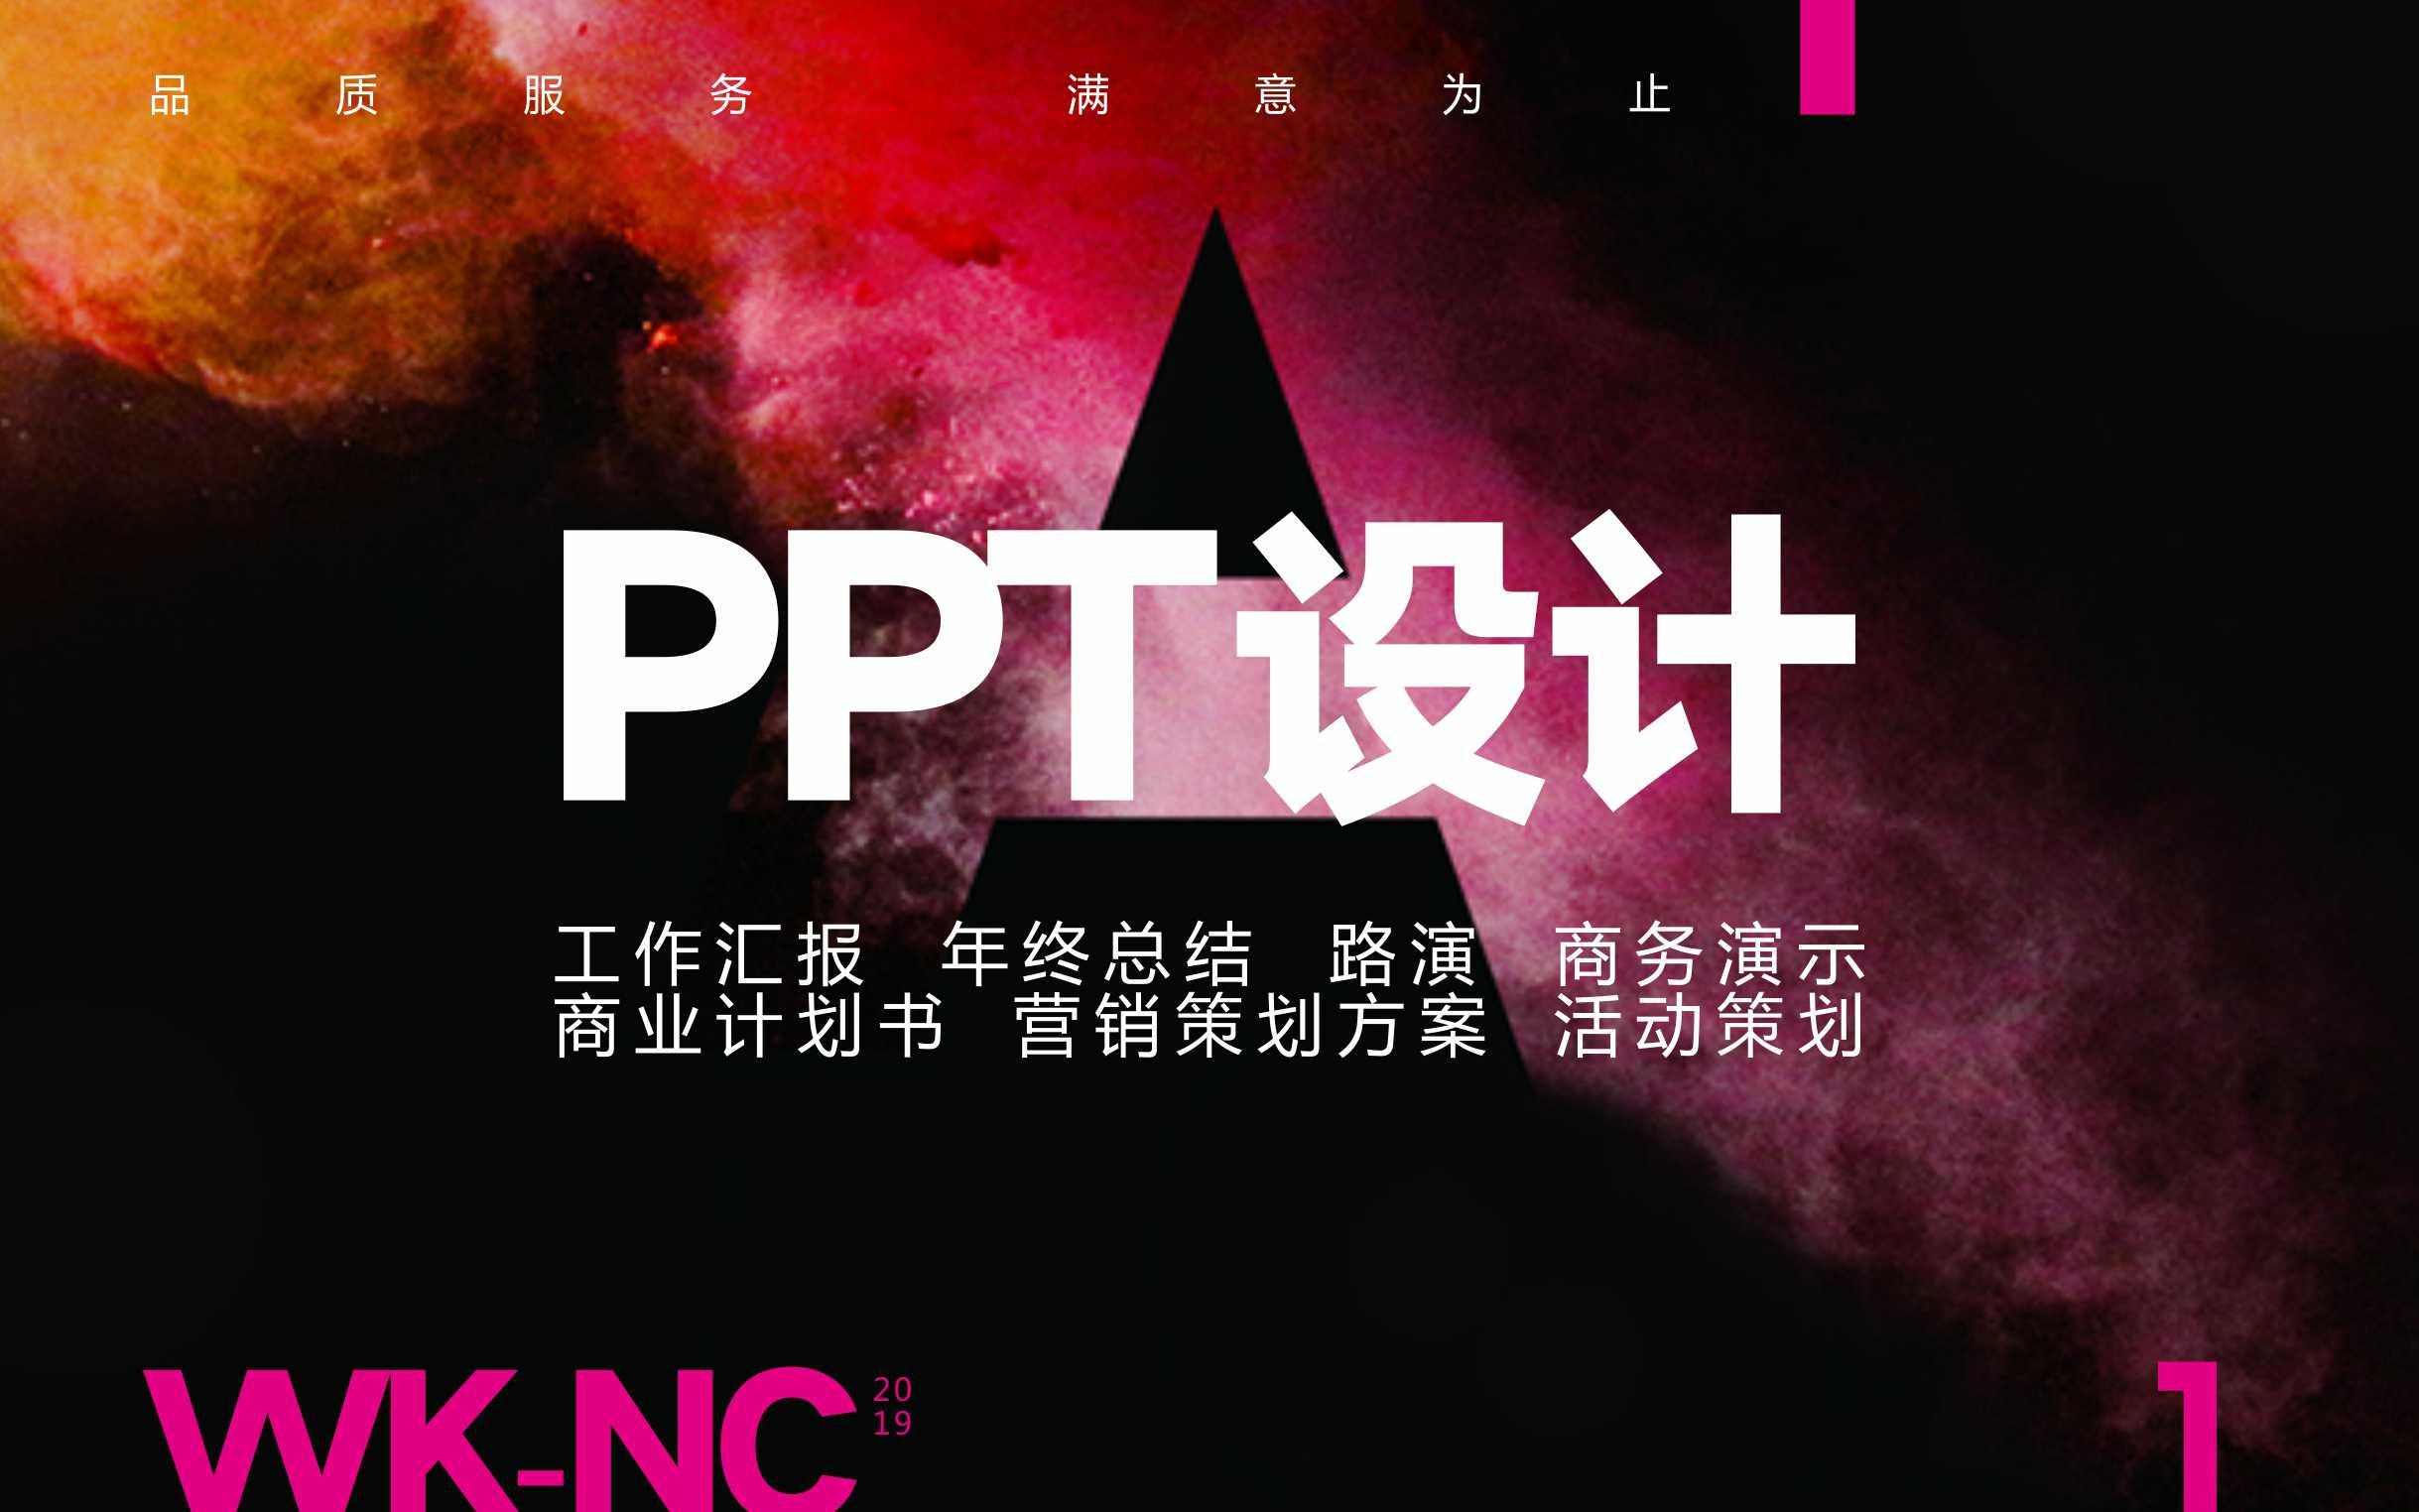 PPT设计工作汇报总结演讲路演动画母版高端商务计划书